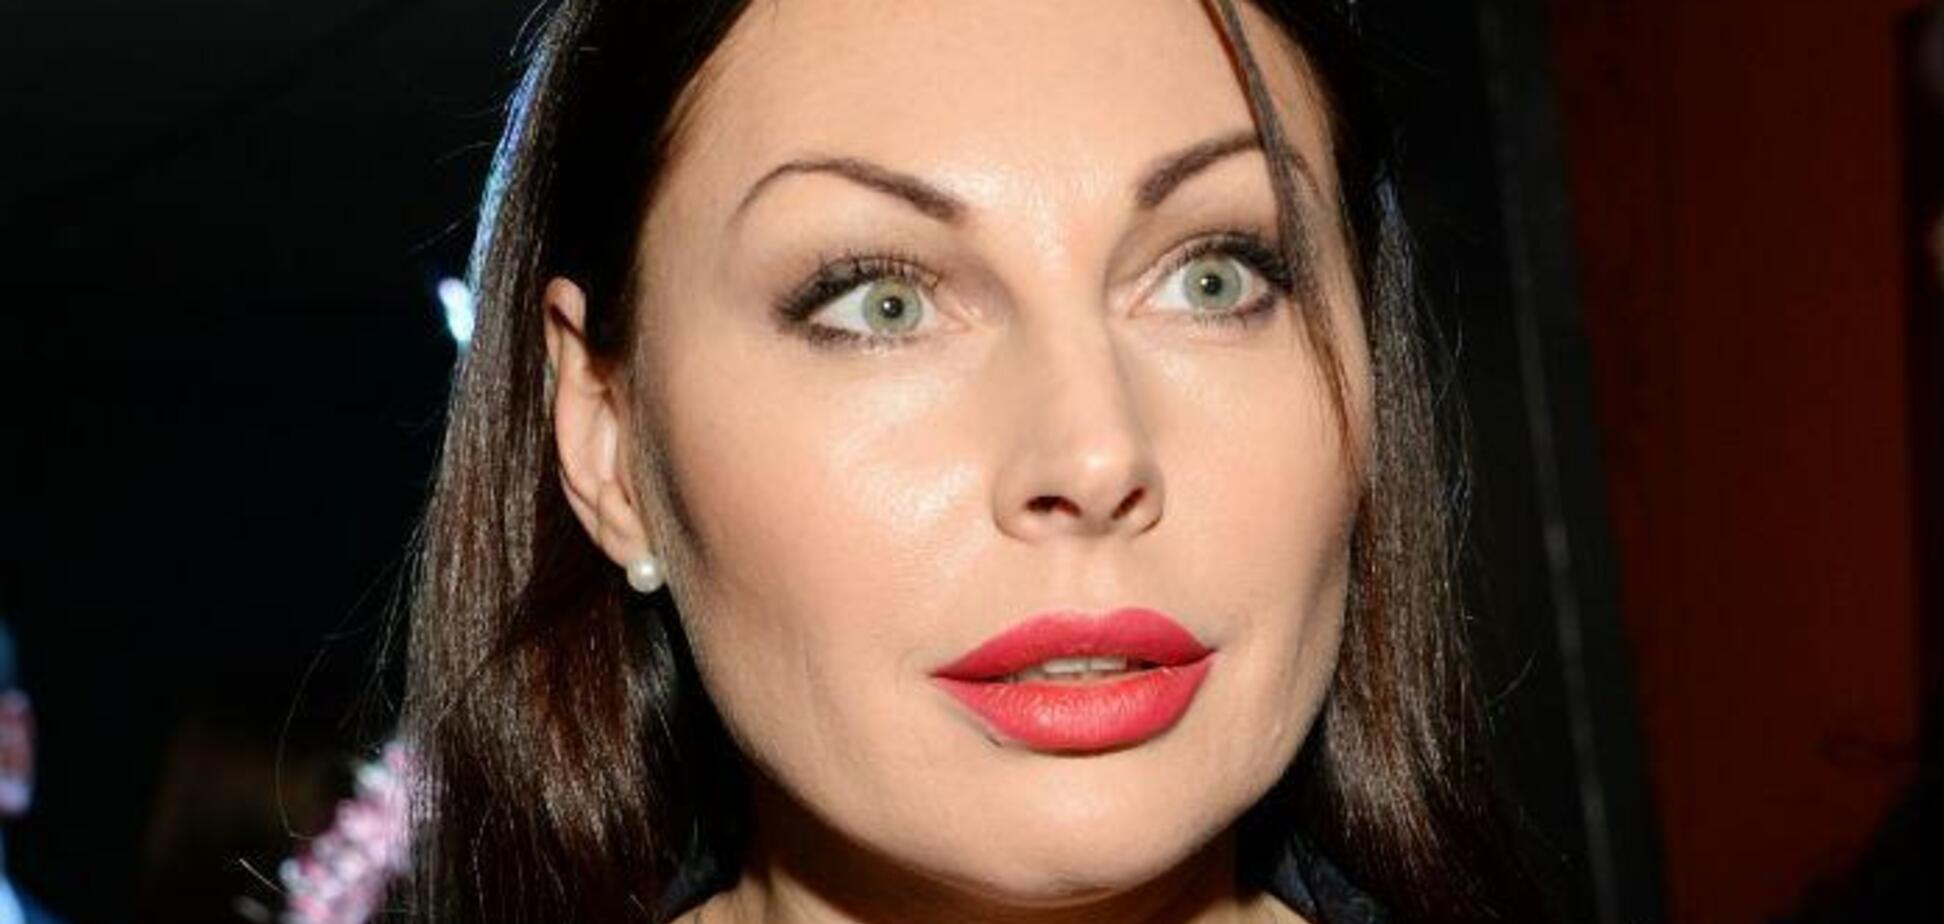 На Мерседесе и под охраной: появилось видео с оскандалившейся из-за наркотиков Бочкаревой